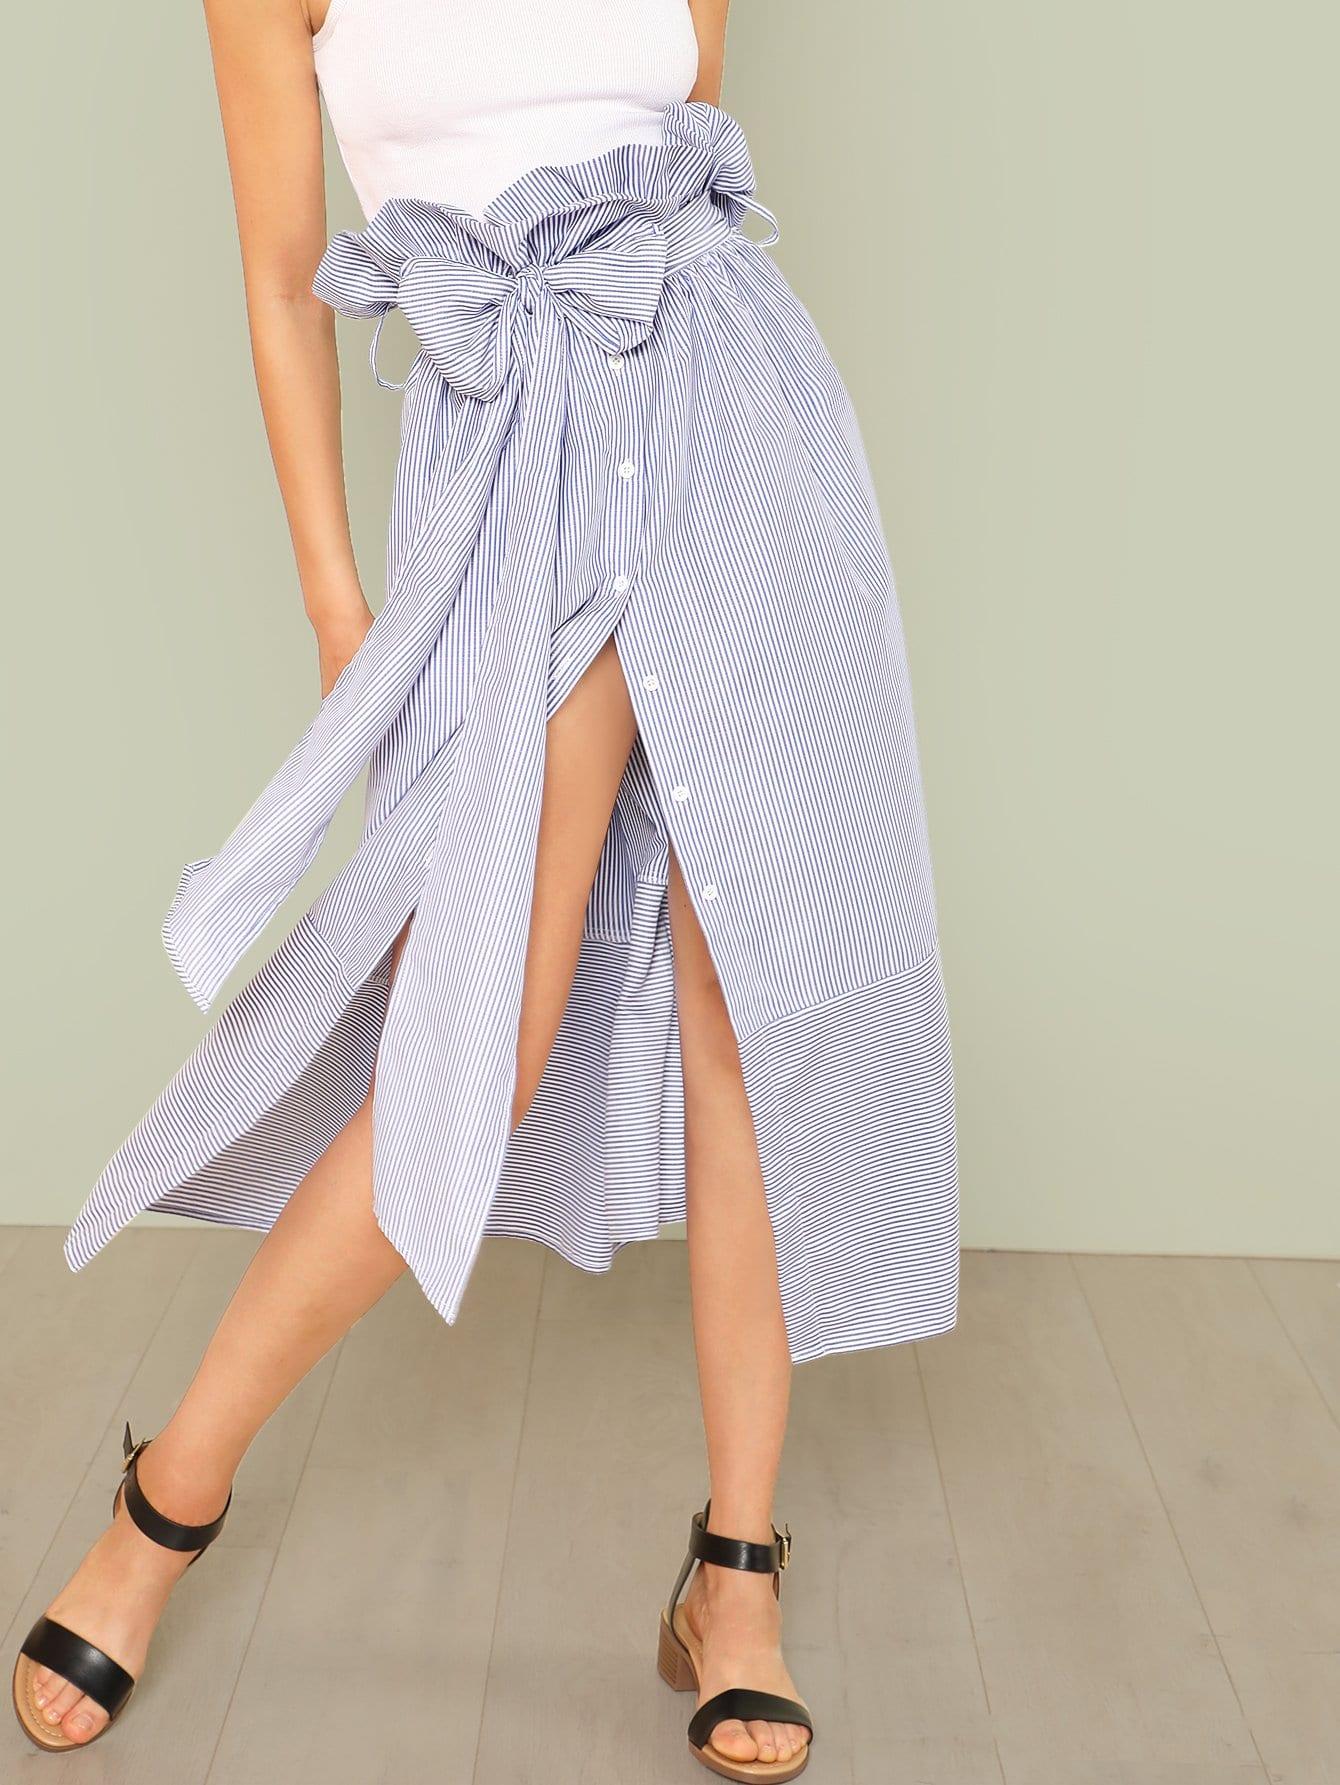 Self Belted Ruffle Waist Pinstripe Skirt self belted ruffle waist pinstripe skirt